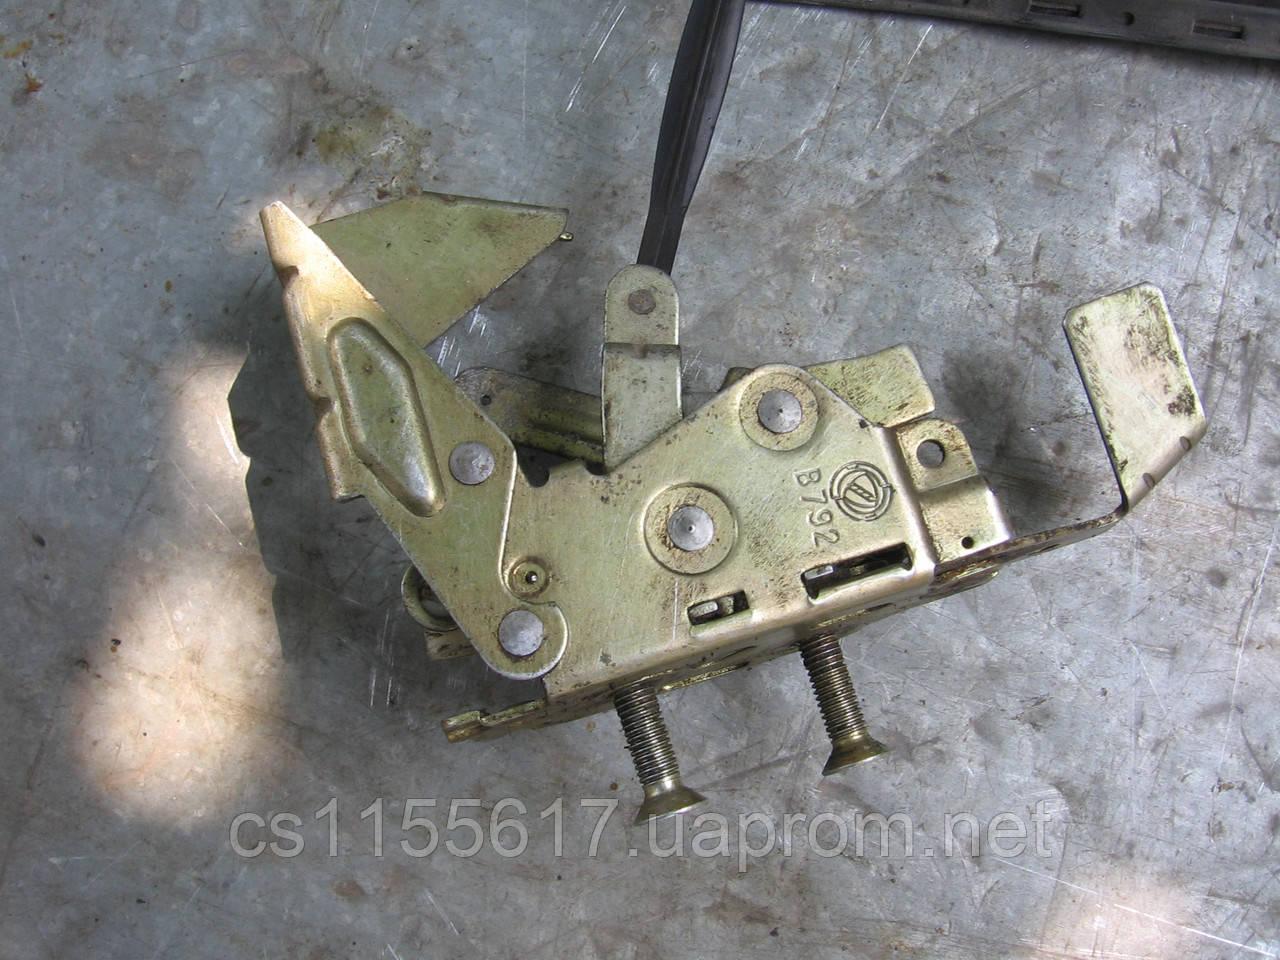 Механизм замка боковой двери б/у на Fiat Ducato, Citroen C25, Peugeot J5 год 1986-1994